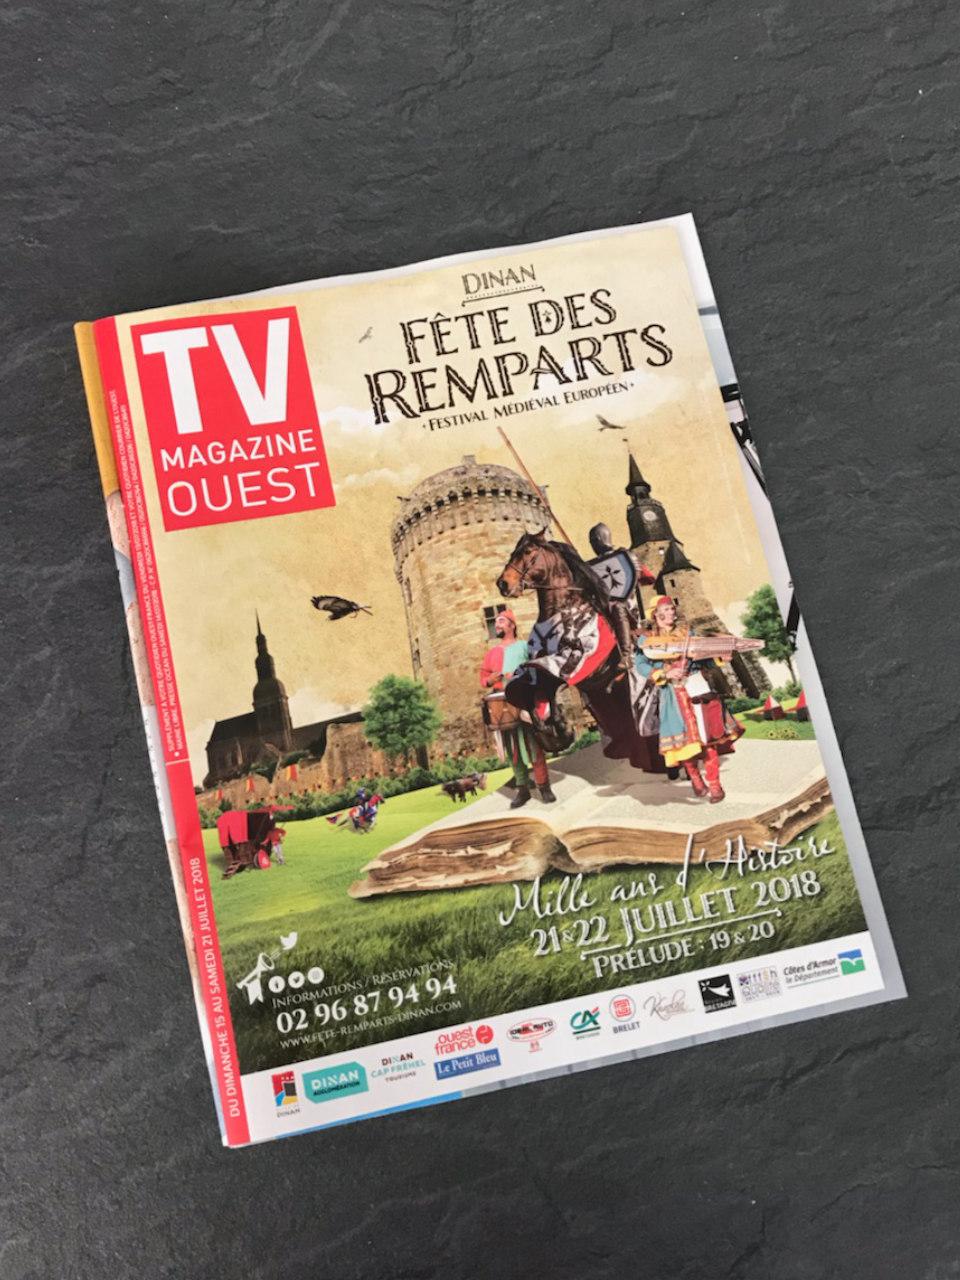 fete-remparts-2018-couverture-presse-tvmagazine.jpg